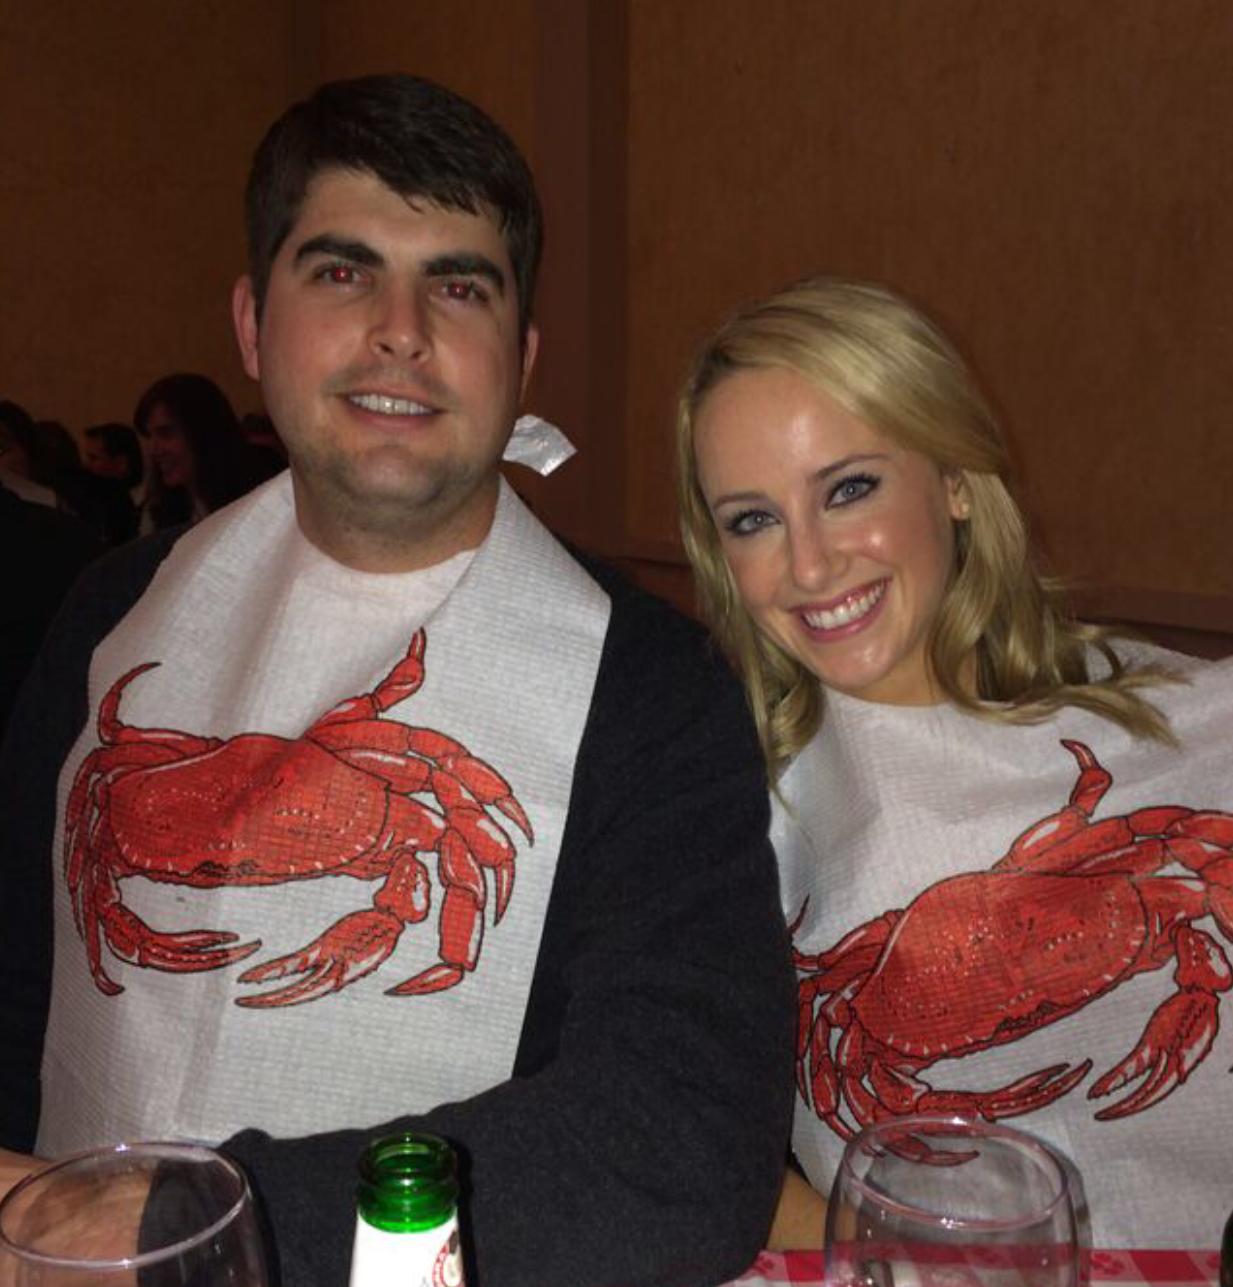 Crab feed @ The San Francisco Italian Athletic Club